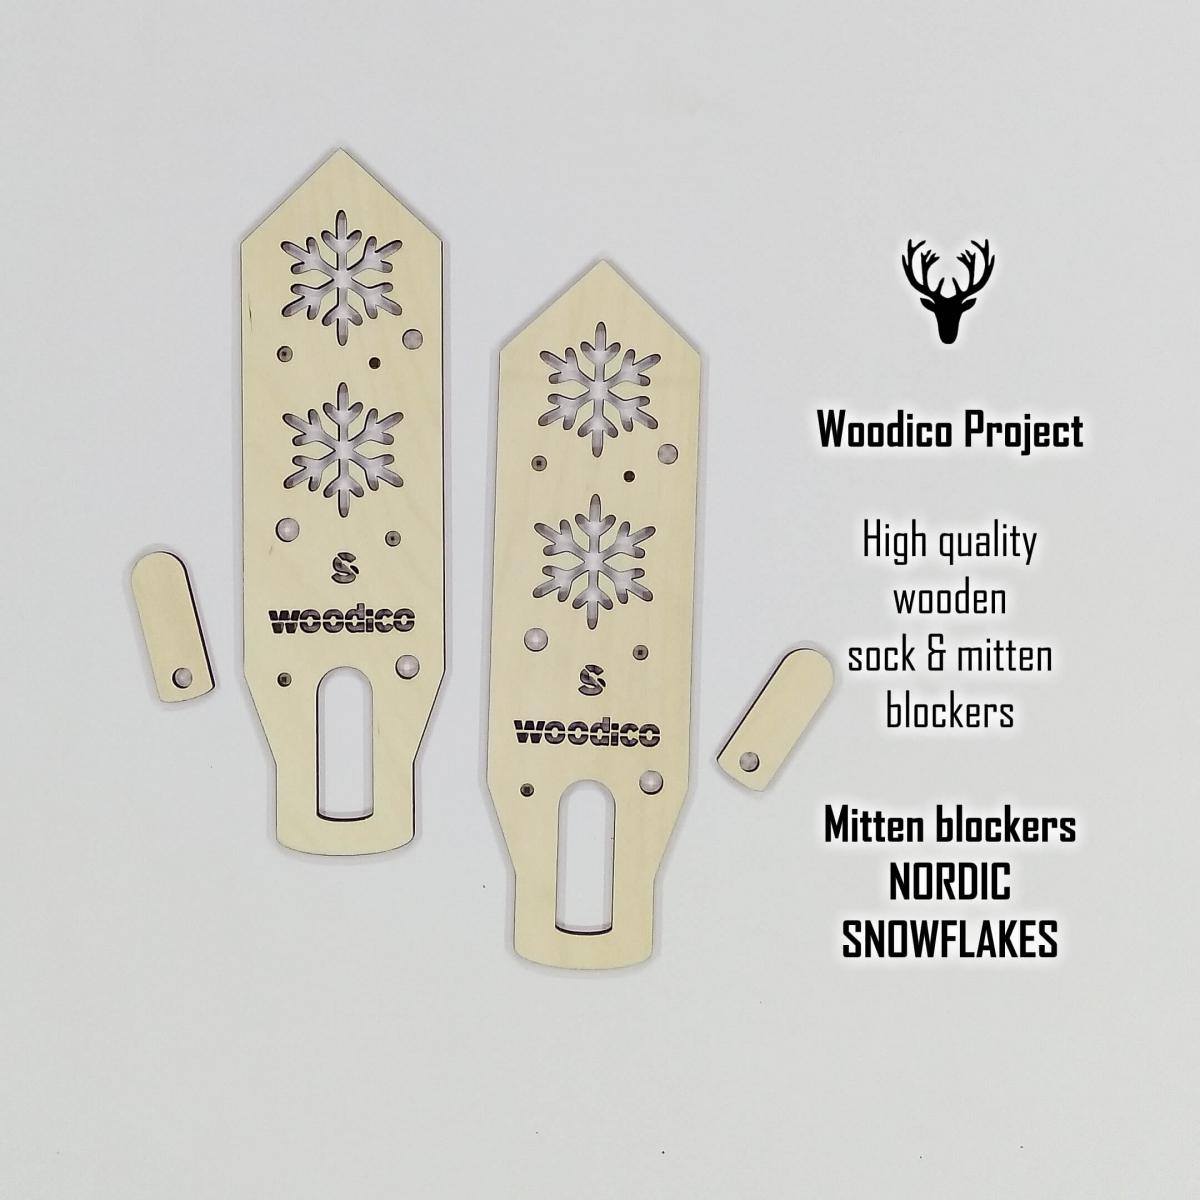 woodico.pro wooden mitten blockers nordic snowflakes 1200x1200 - Wooden mitten blockers / Nordic Snowflakes